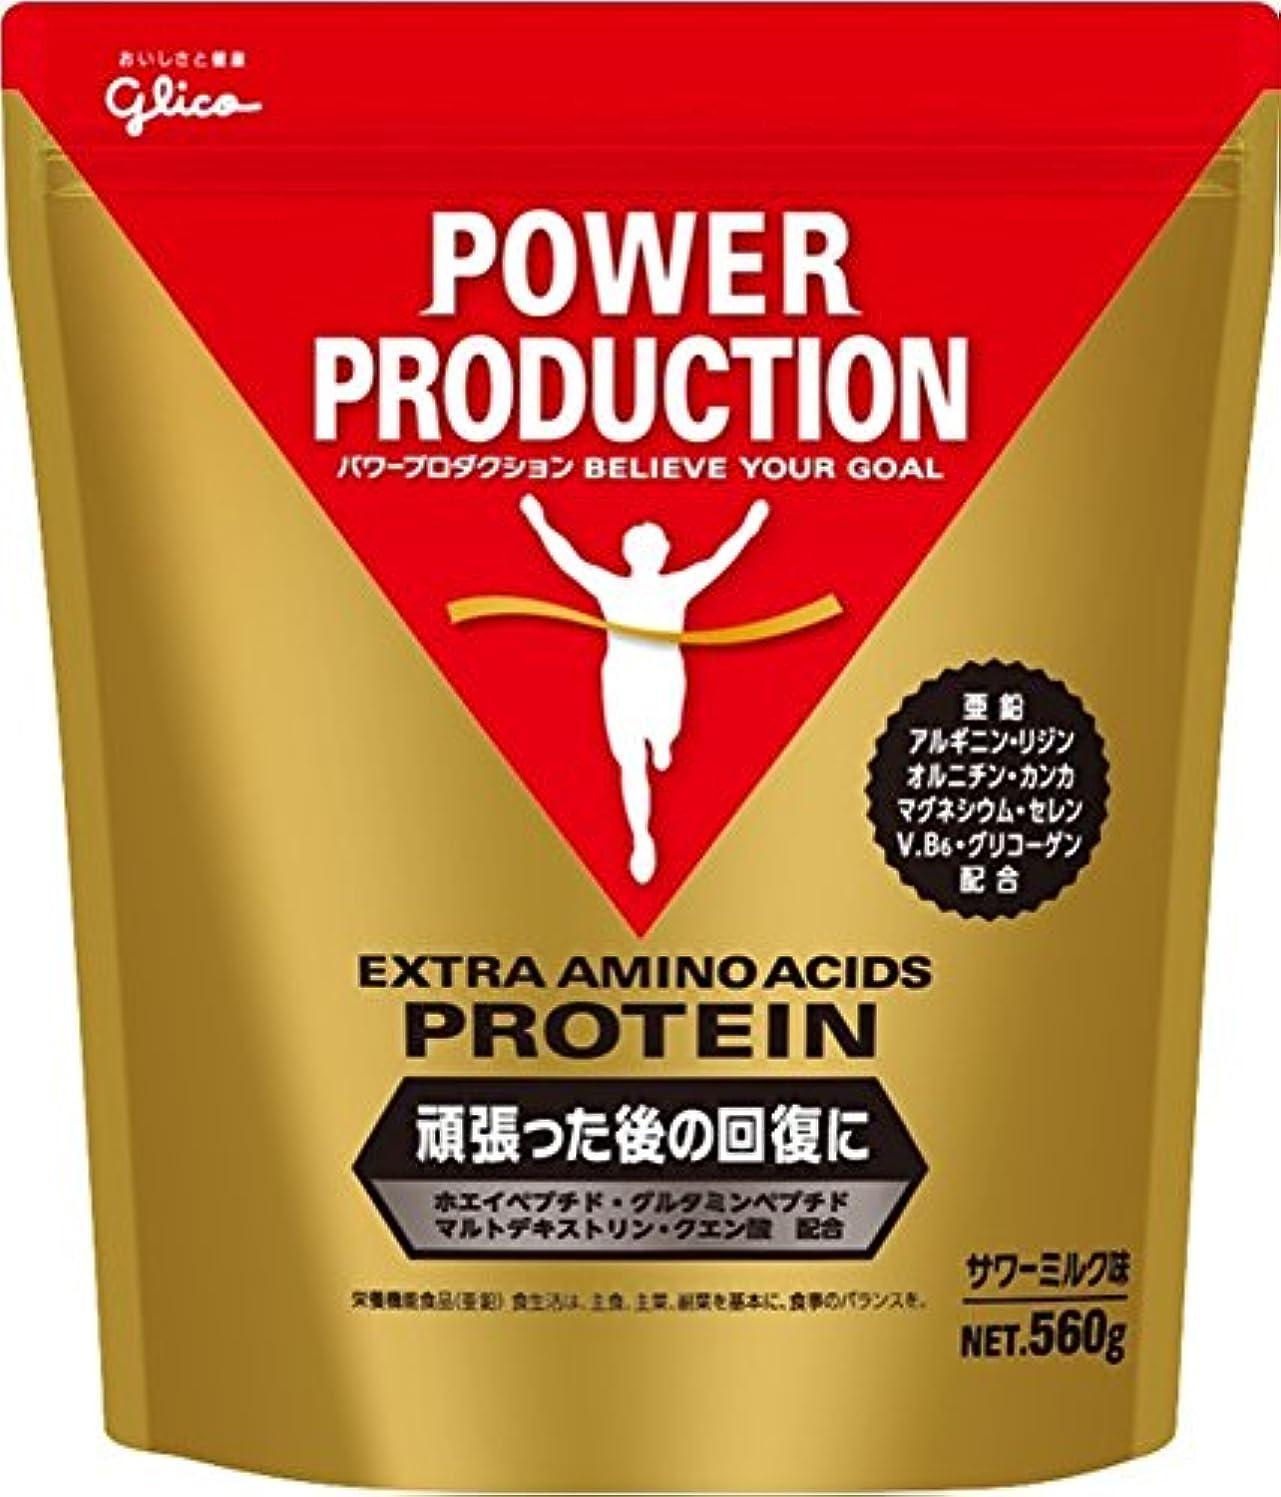 フィドル小切手書店グリコ パワープロダクション エキストラ アミノアシッドプロテイン サワーミルク味 560g 【使用目安 約14食分】